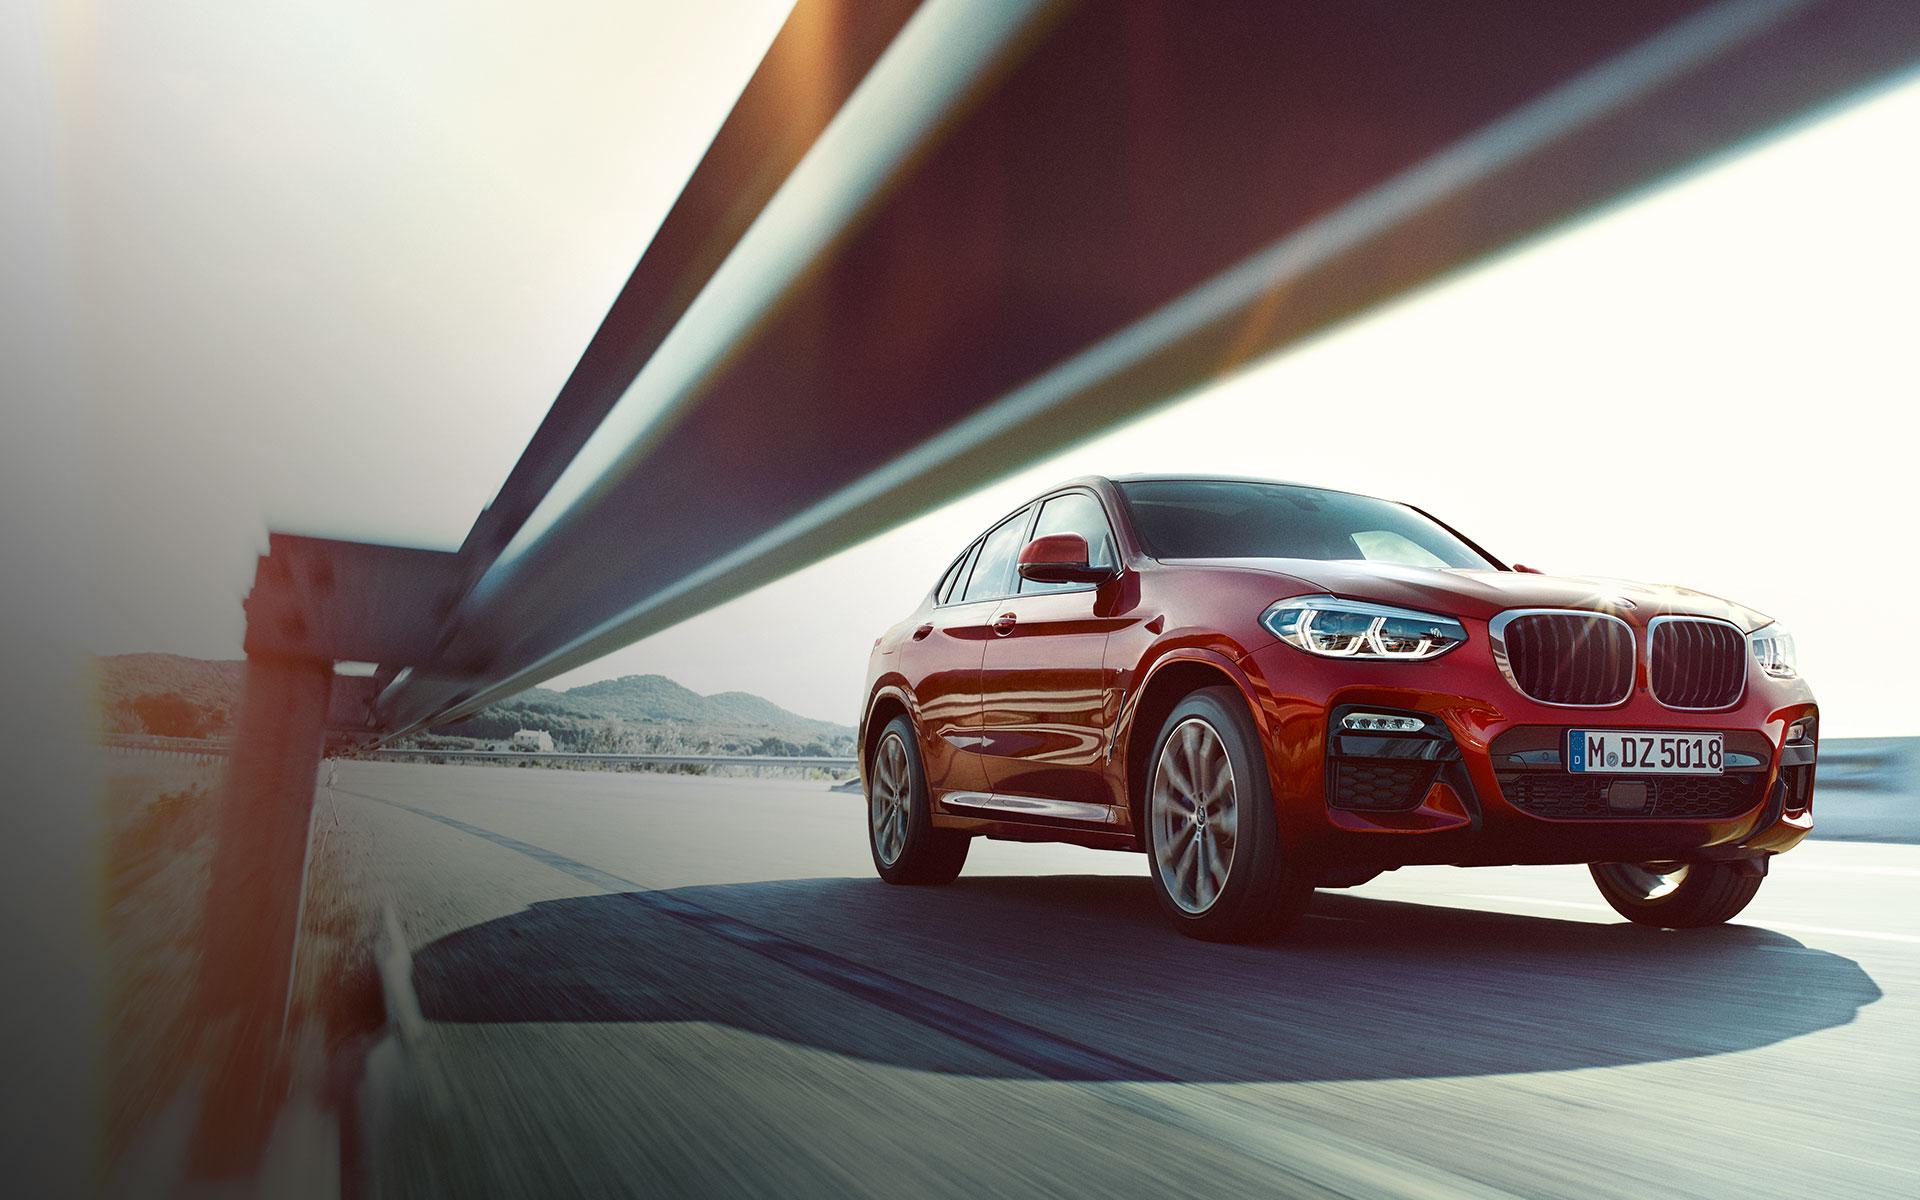 The BMW X4